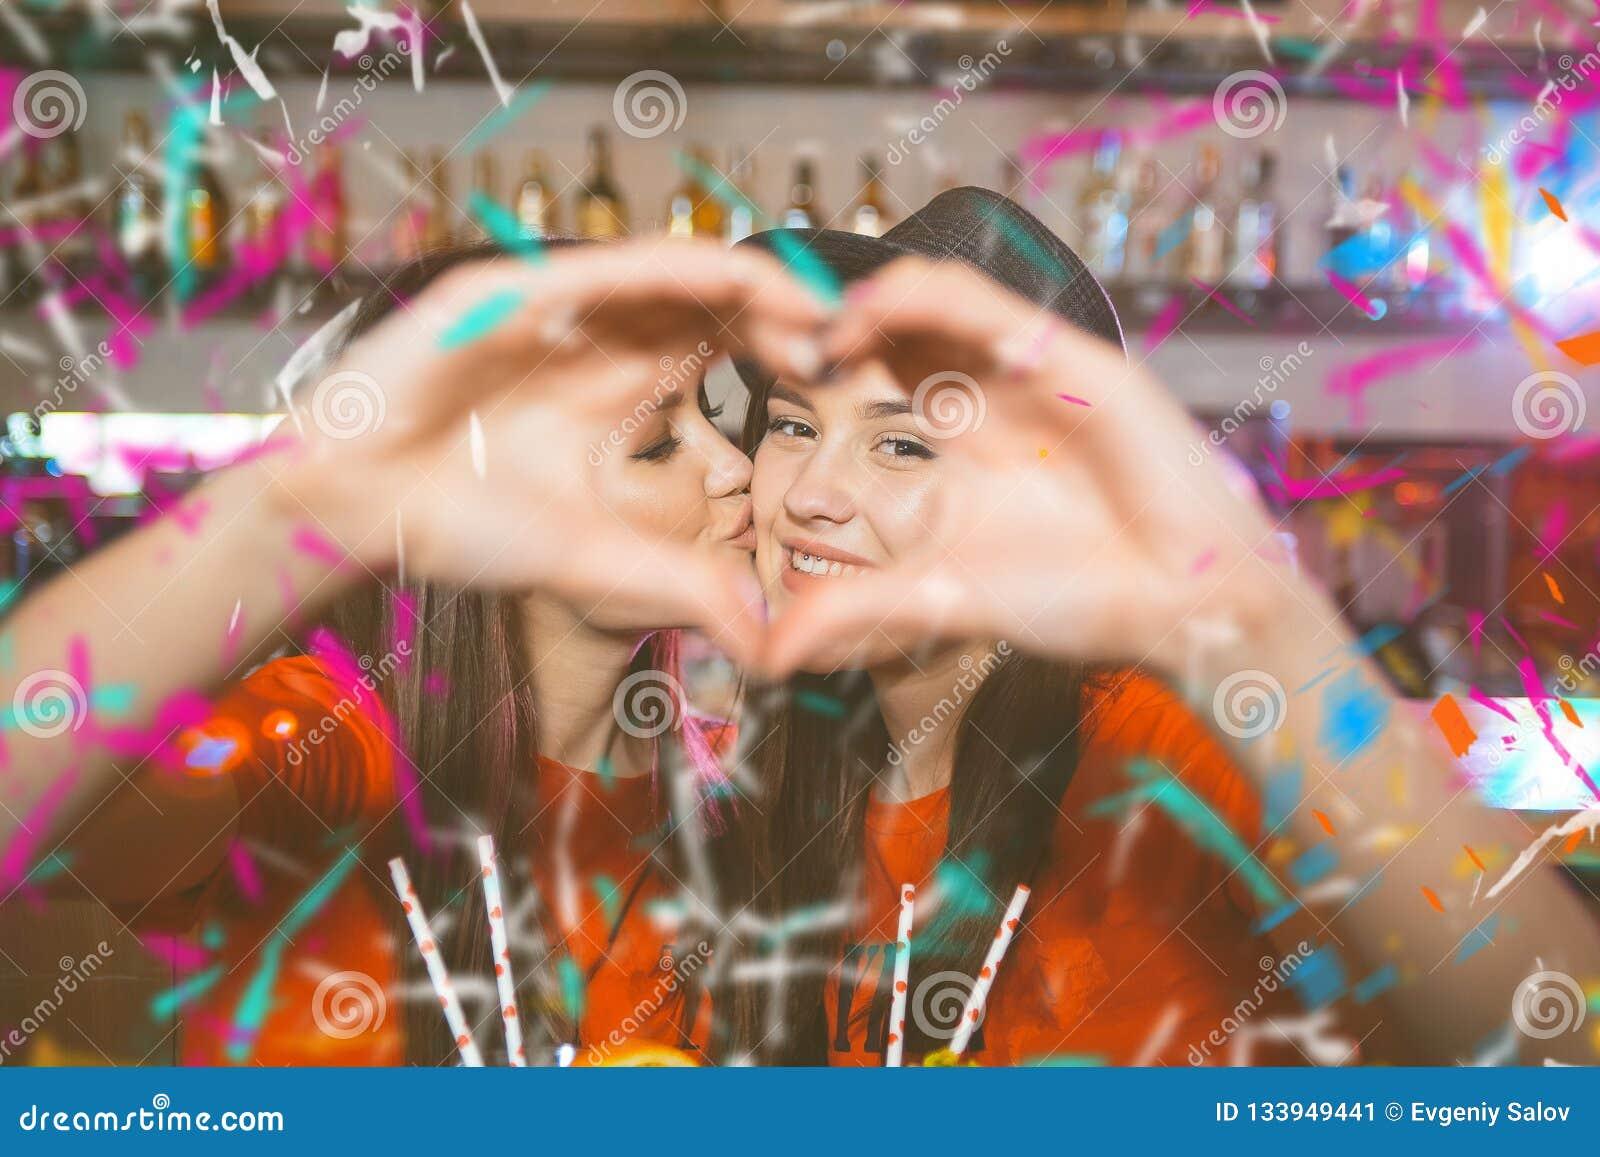 Machen Lesbische Liebe Mädchen Tochter (14)